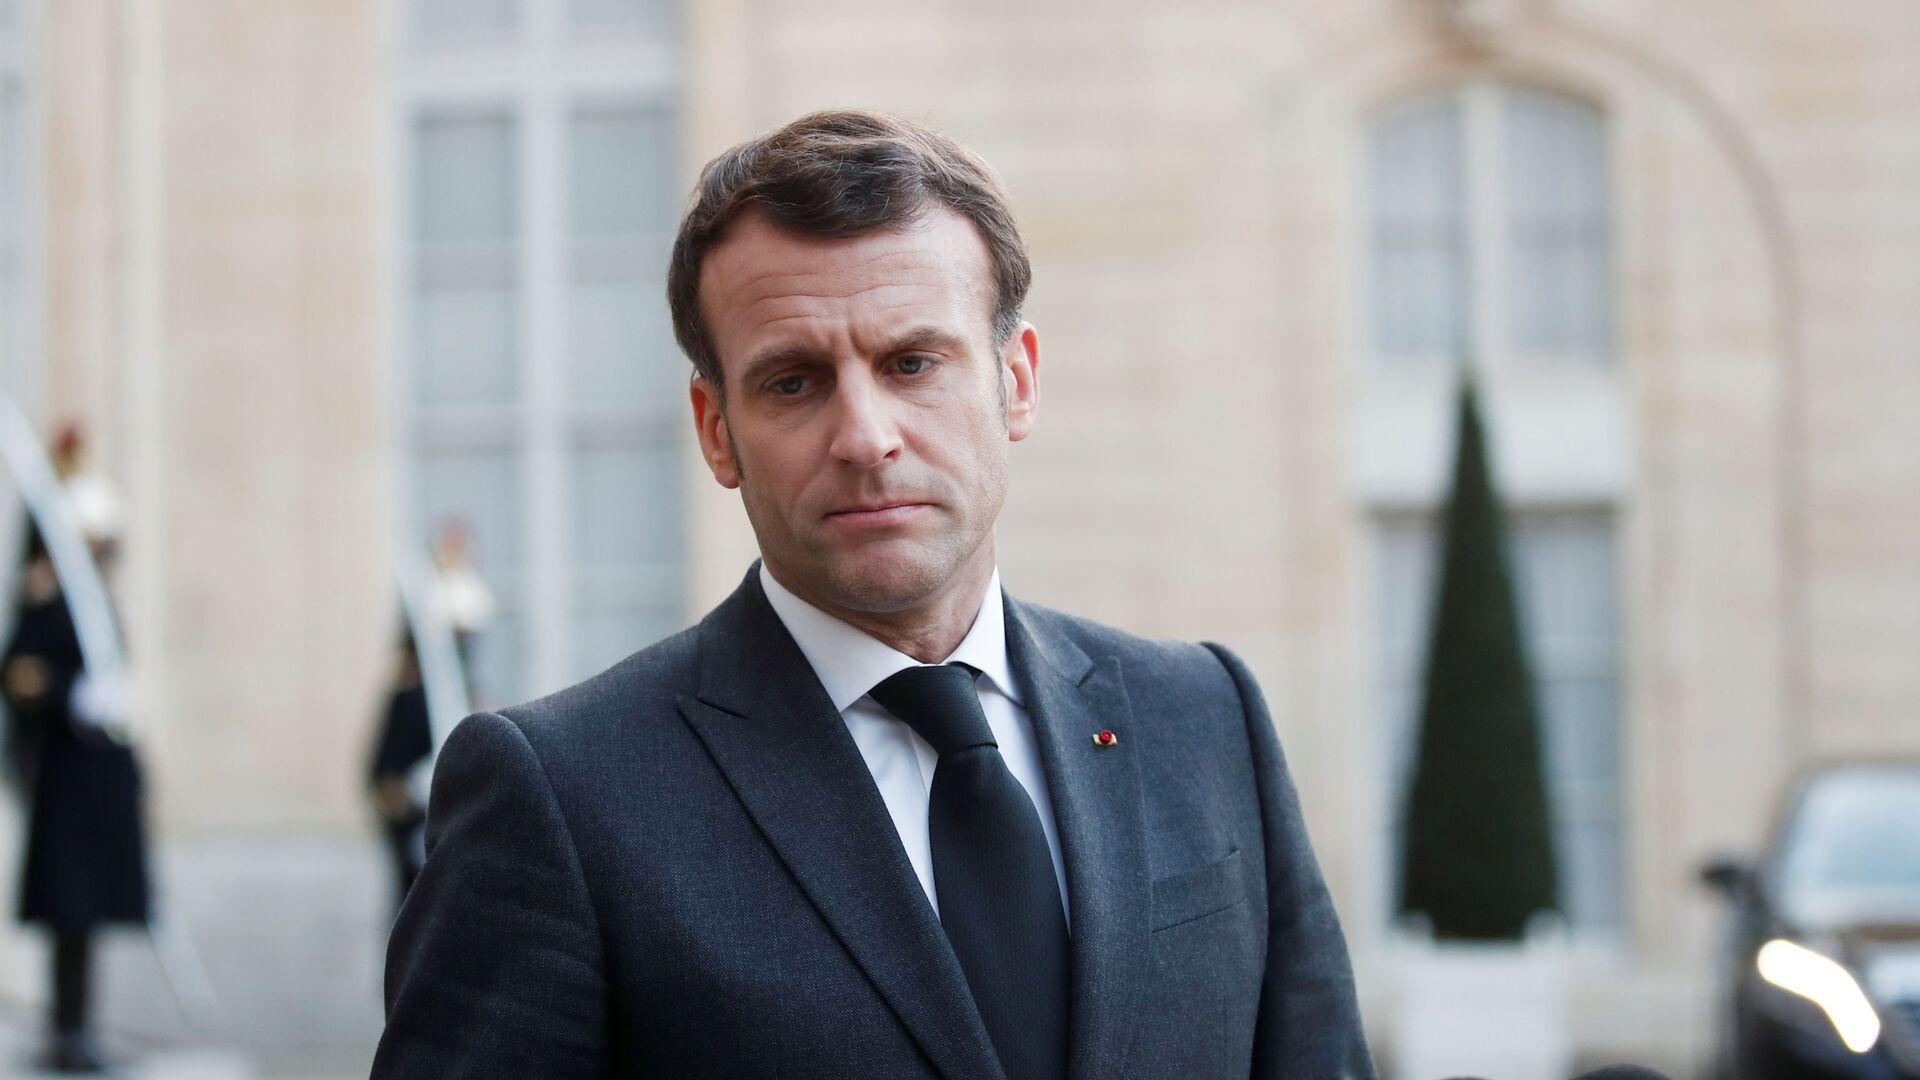 Francouzský prezident Emmanuel Macron - Sputnik Česká republika, 1920, 26.03.2021